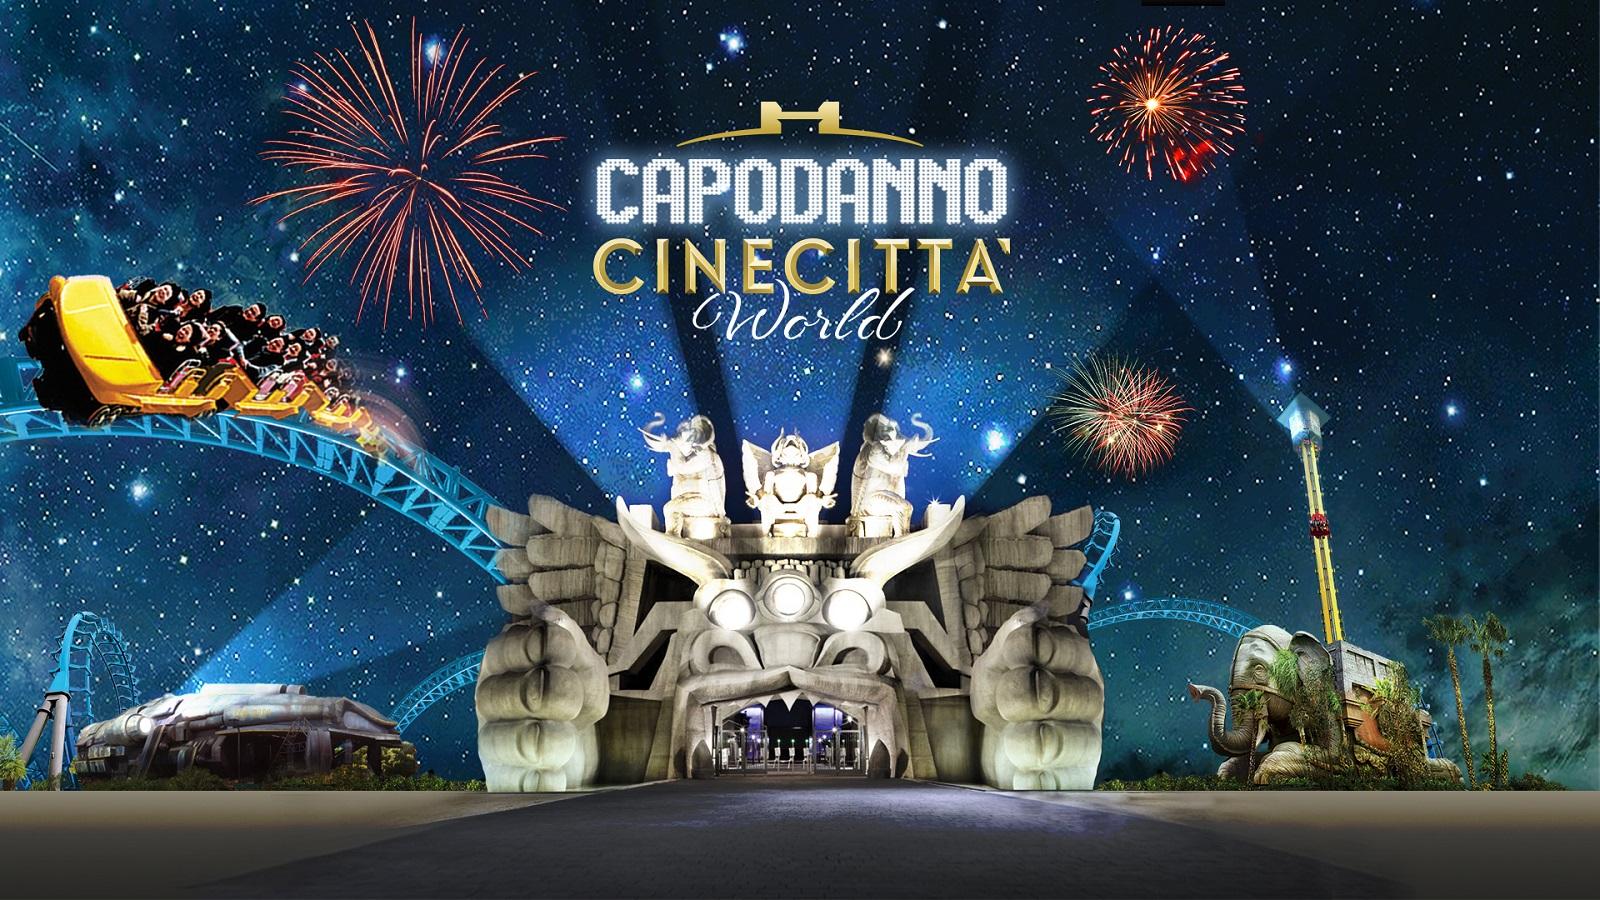 Il più grande Capodanno 2020 a Roma è quello di Cinecittà World